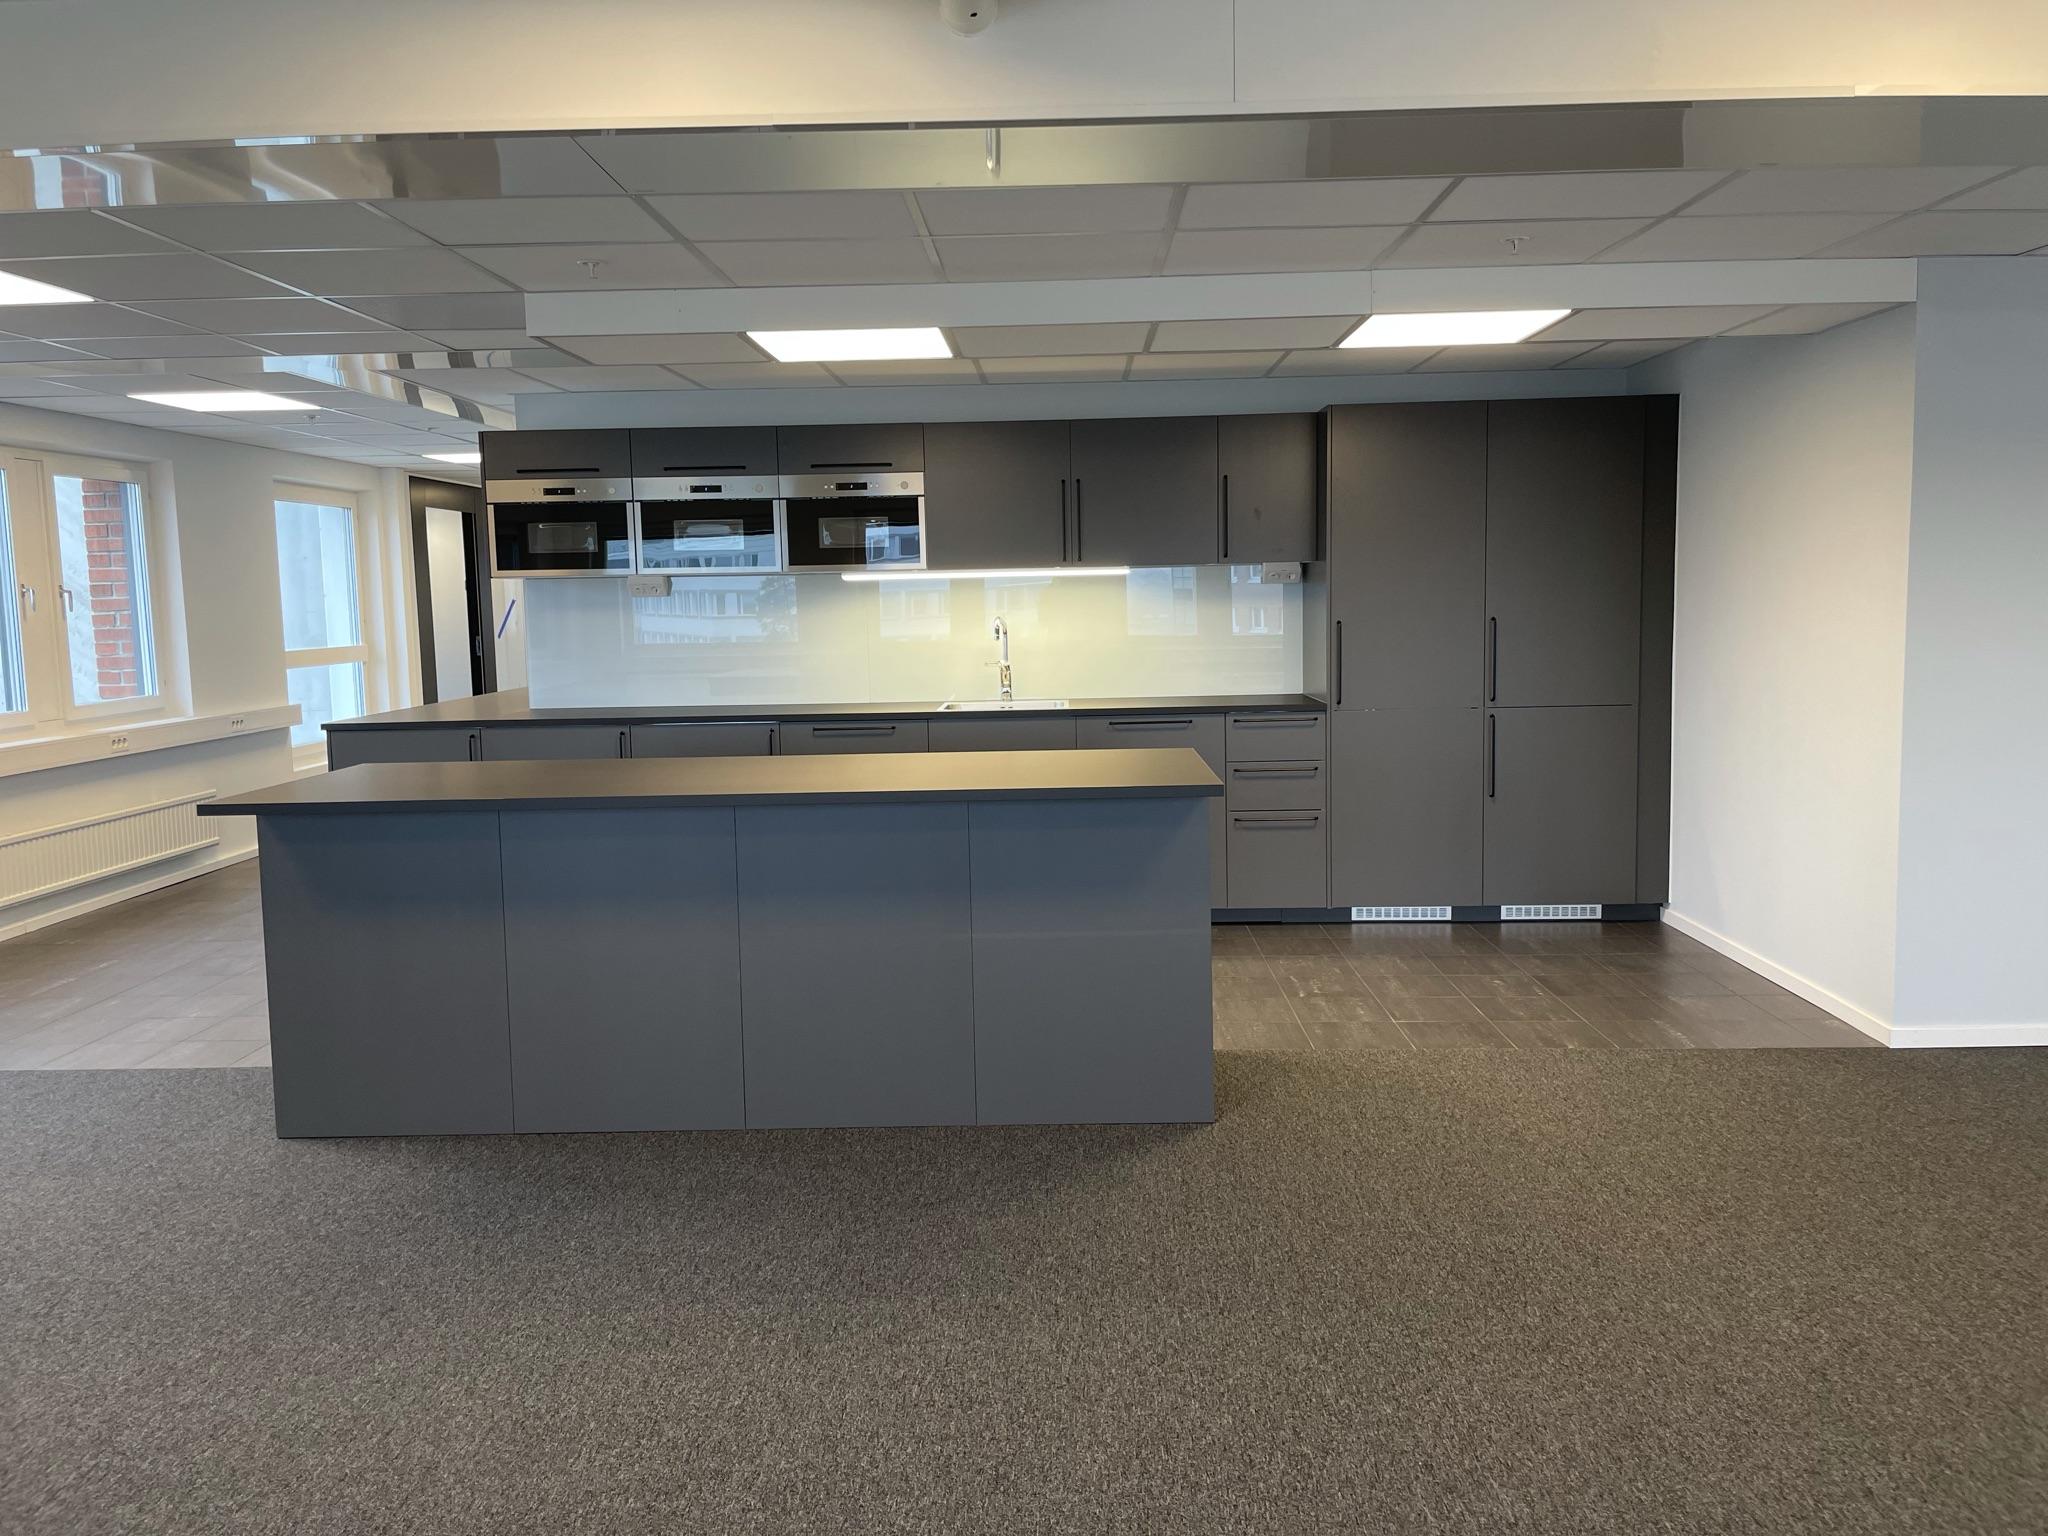 Lokalanpassning, Kontorsanpassning, Renovering företagslokal, Företagslokal